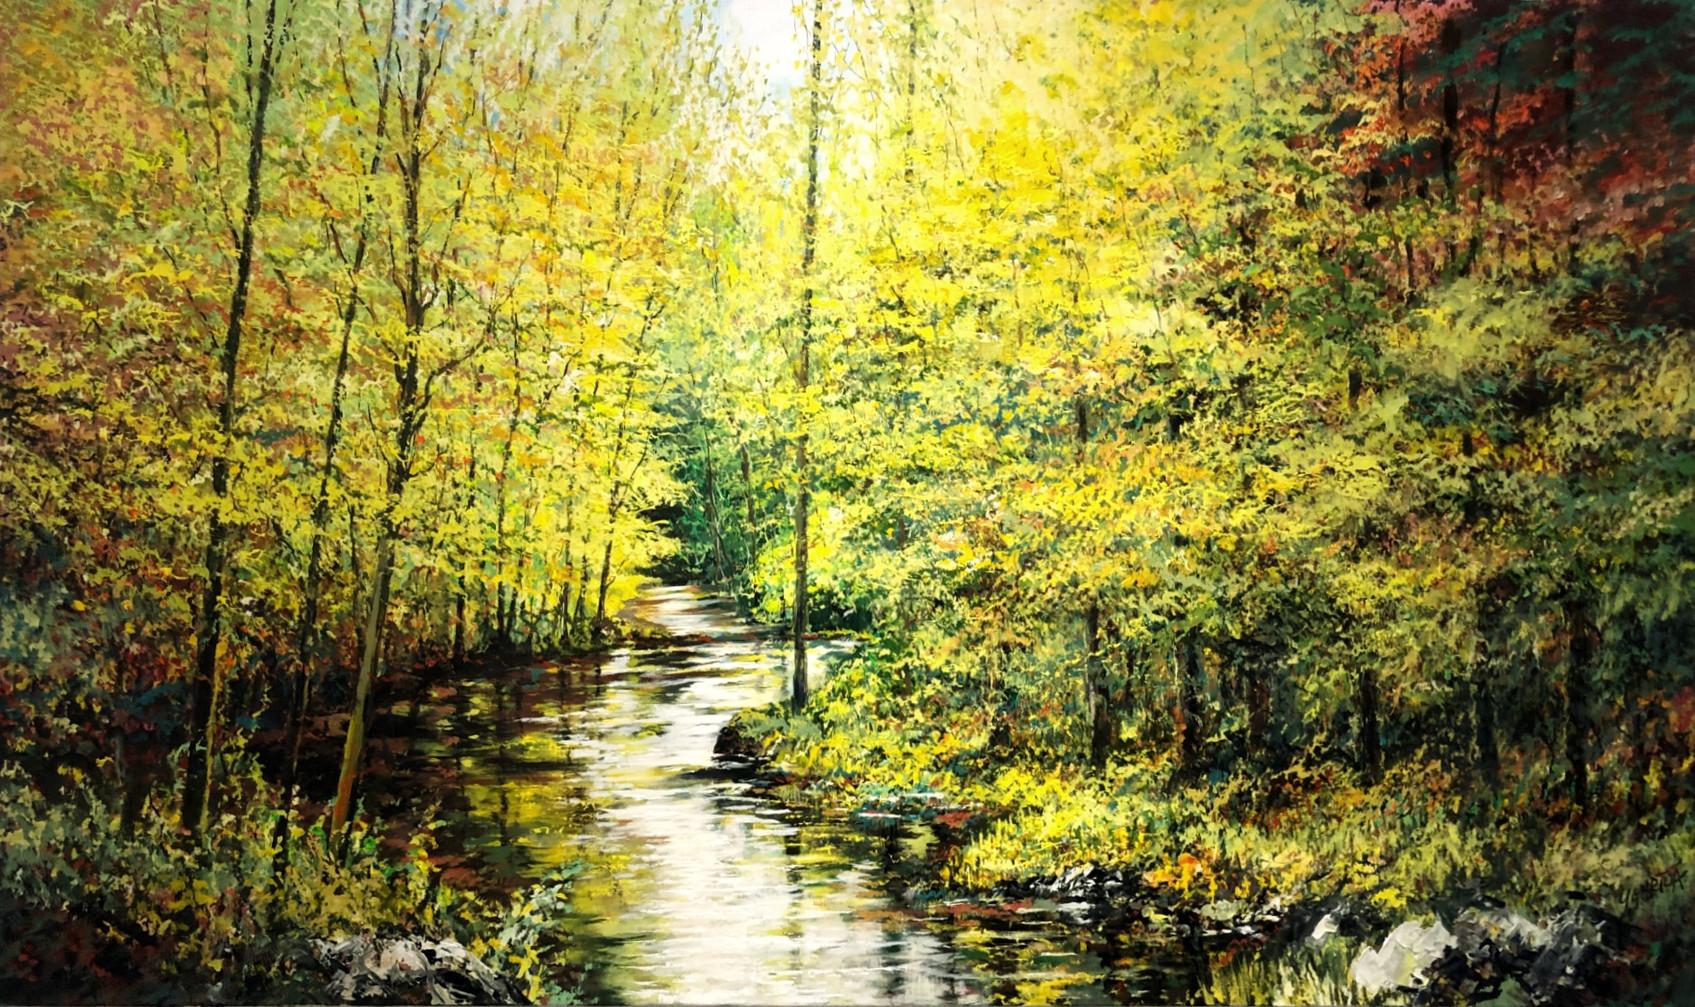 Golden Trees - Paul Ygartua.jpg